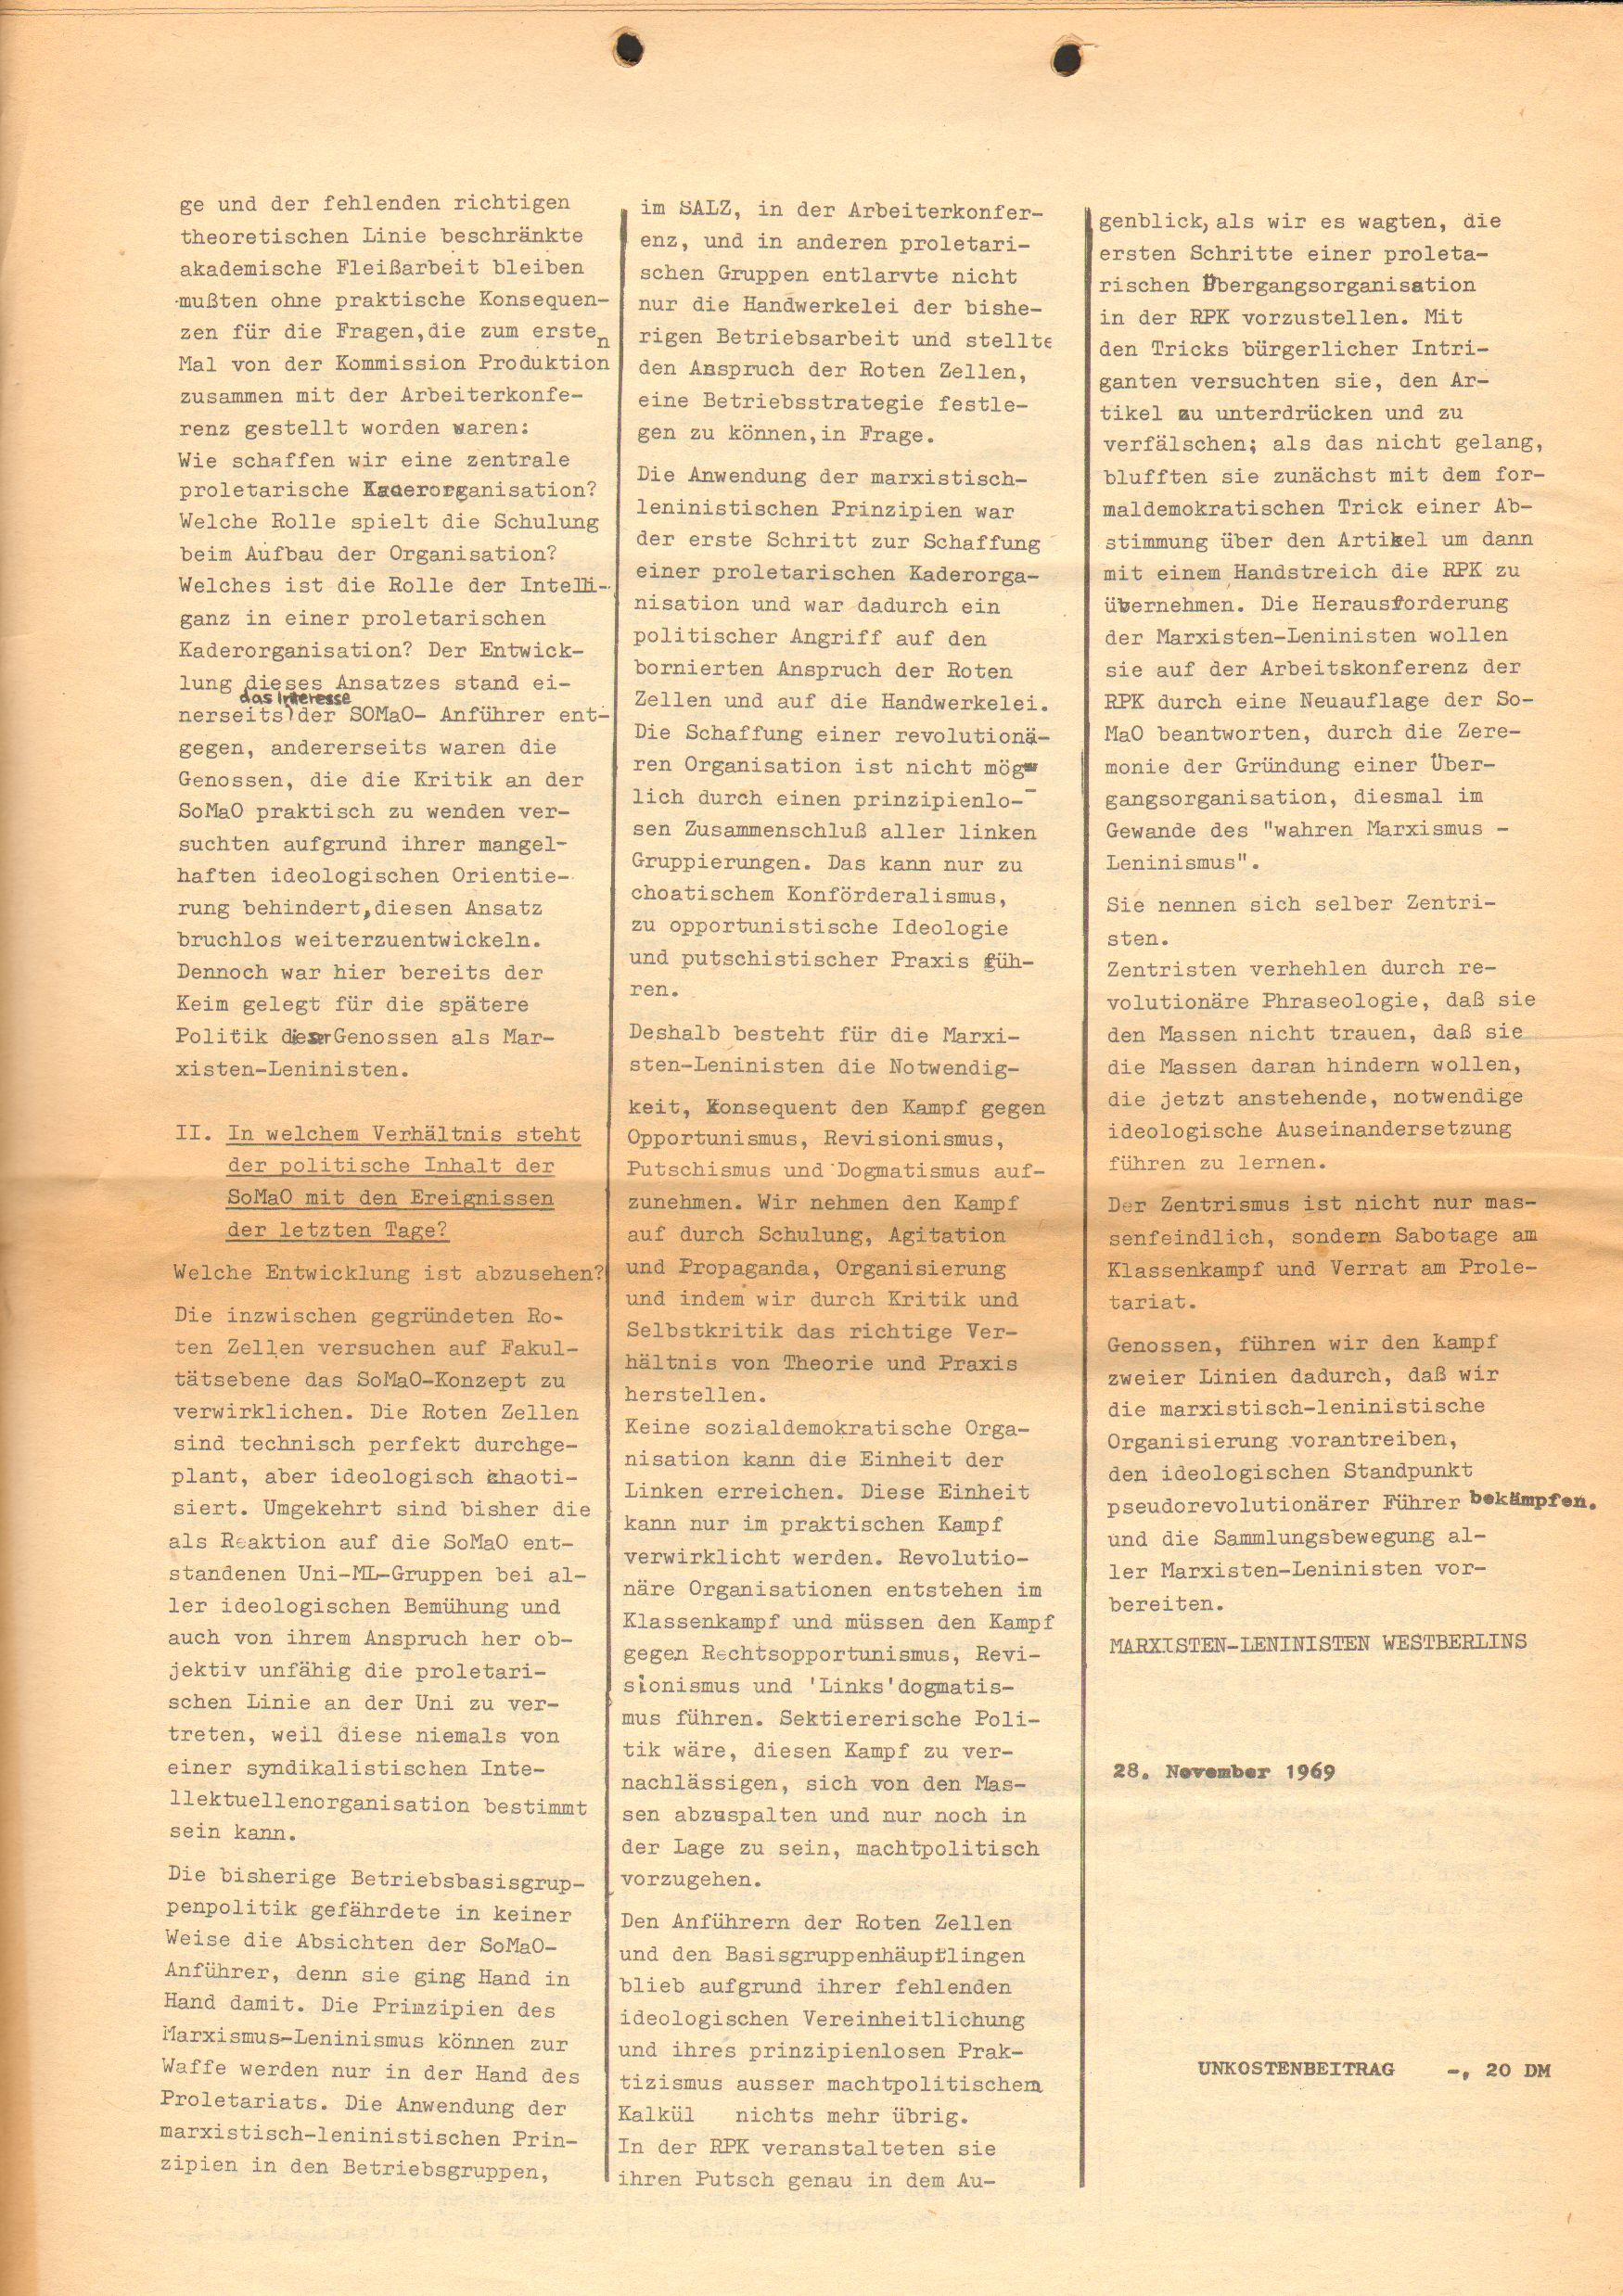 MLWestberlin_1969_Kampf_zweier_Linien_08